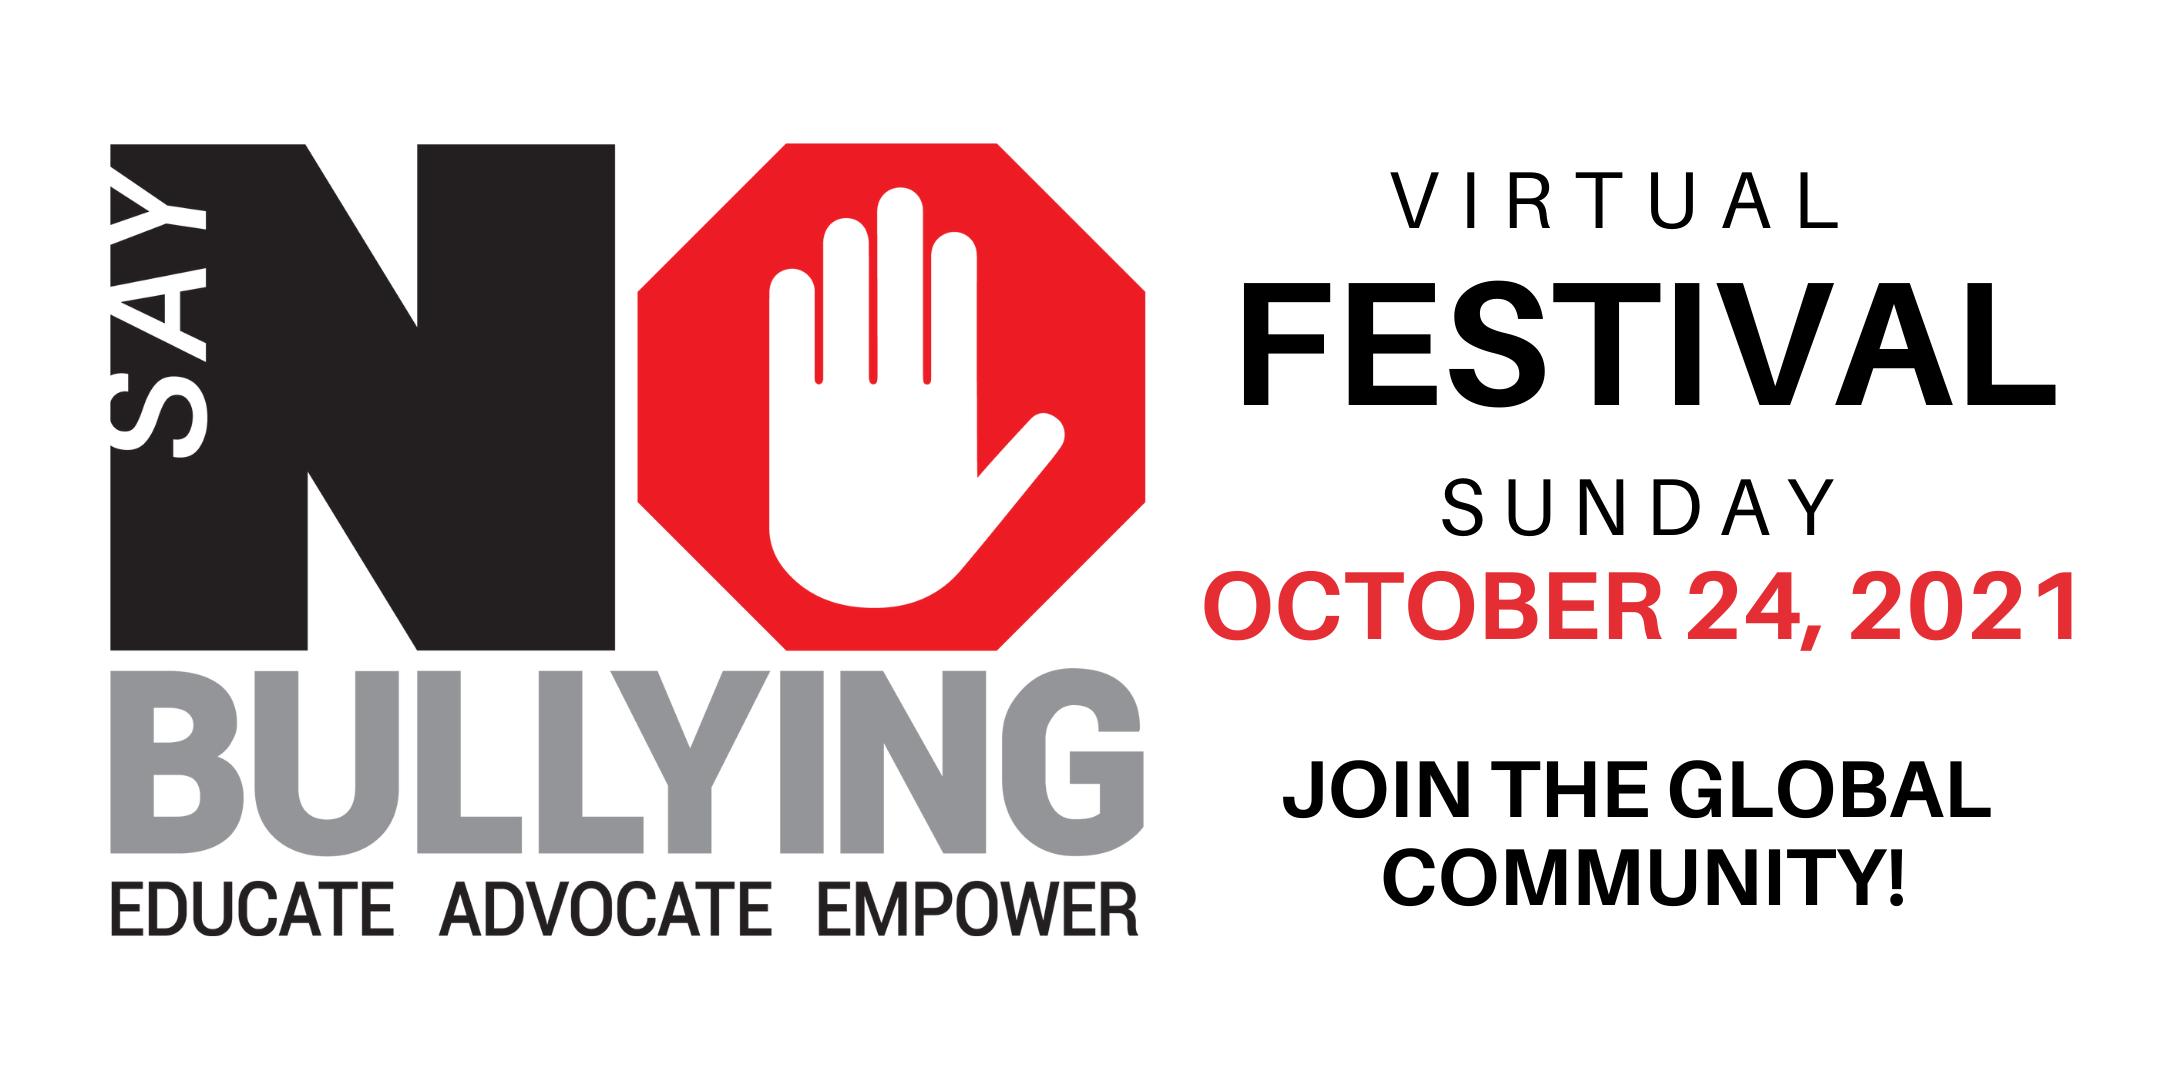 6th Annual Say NO Bullying (Virtual) Festival at Say No to Bullying